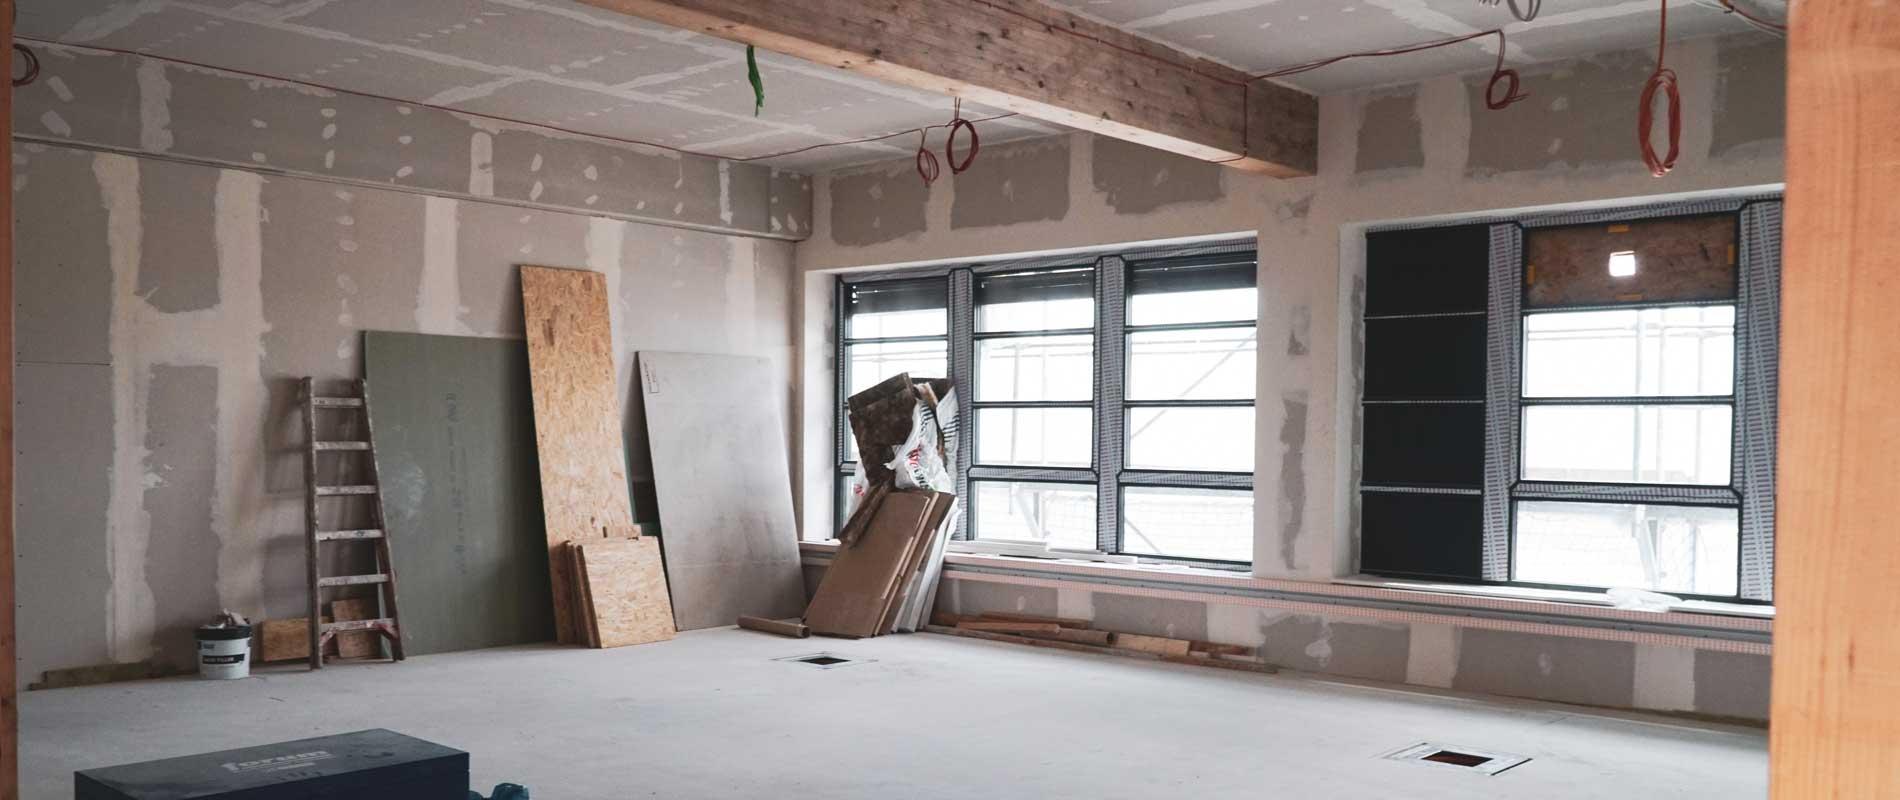 Neubauraum im modernen Innenausbau